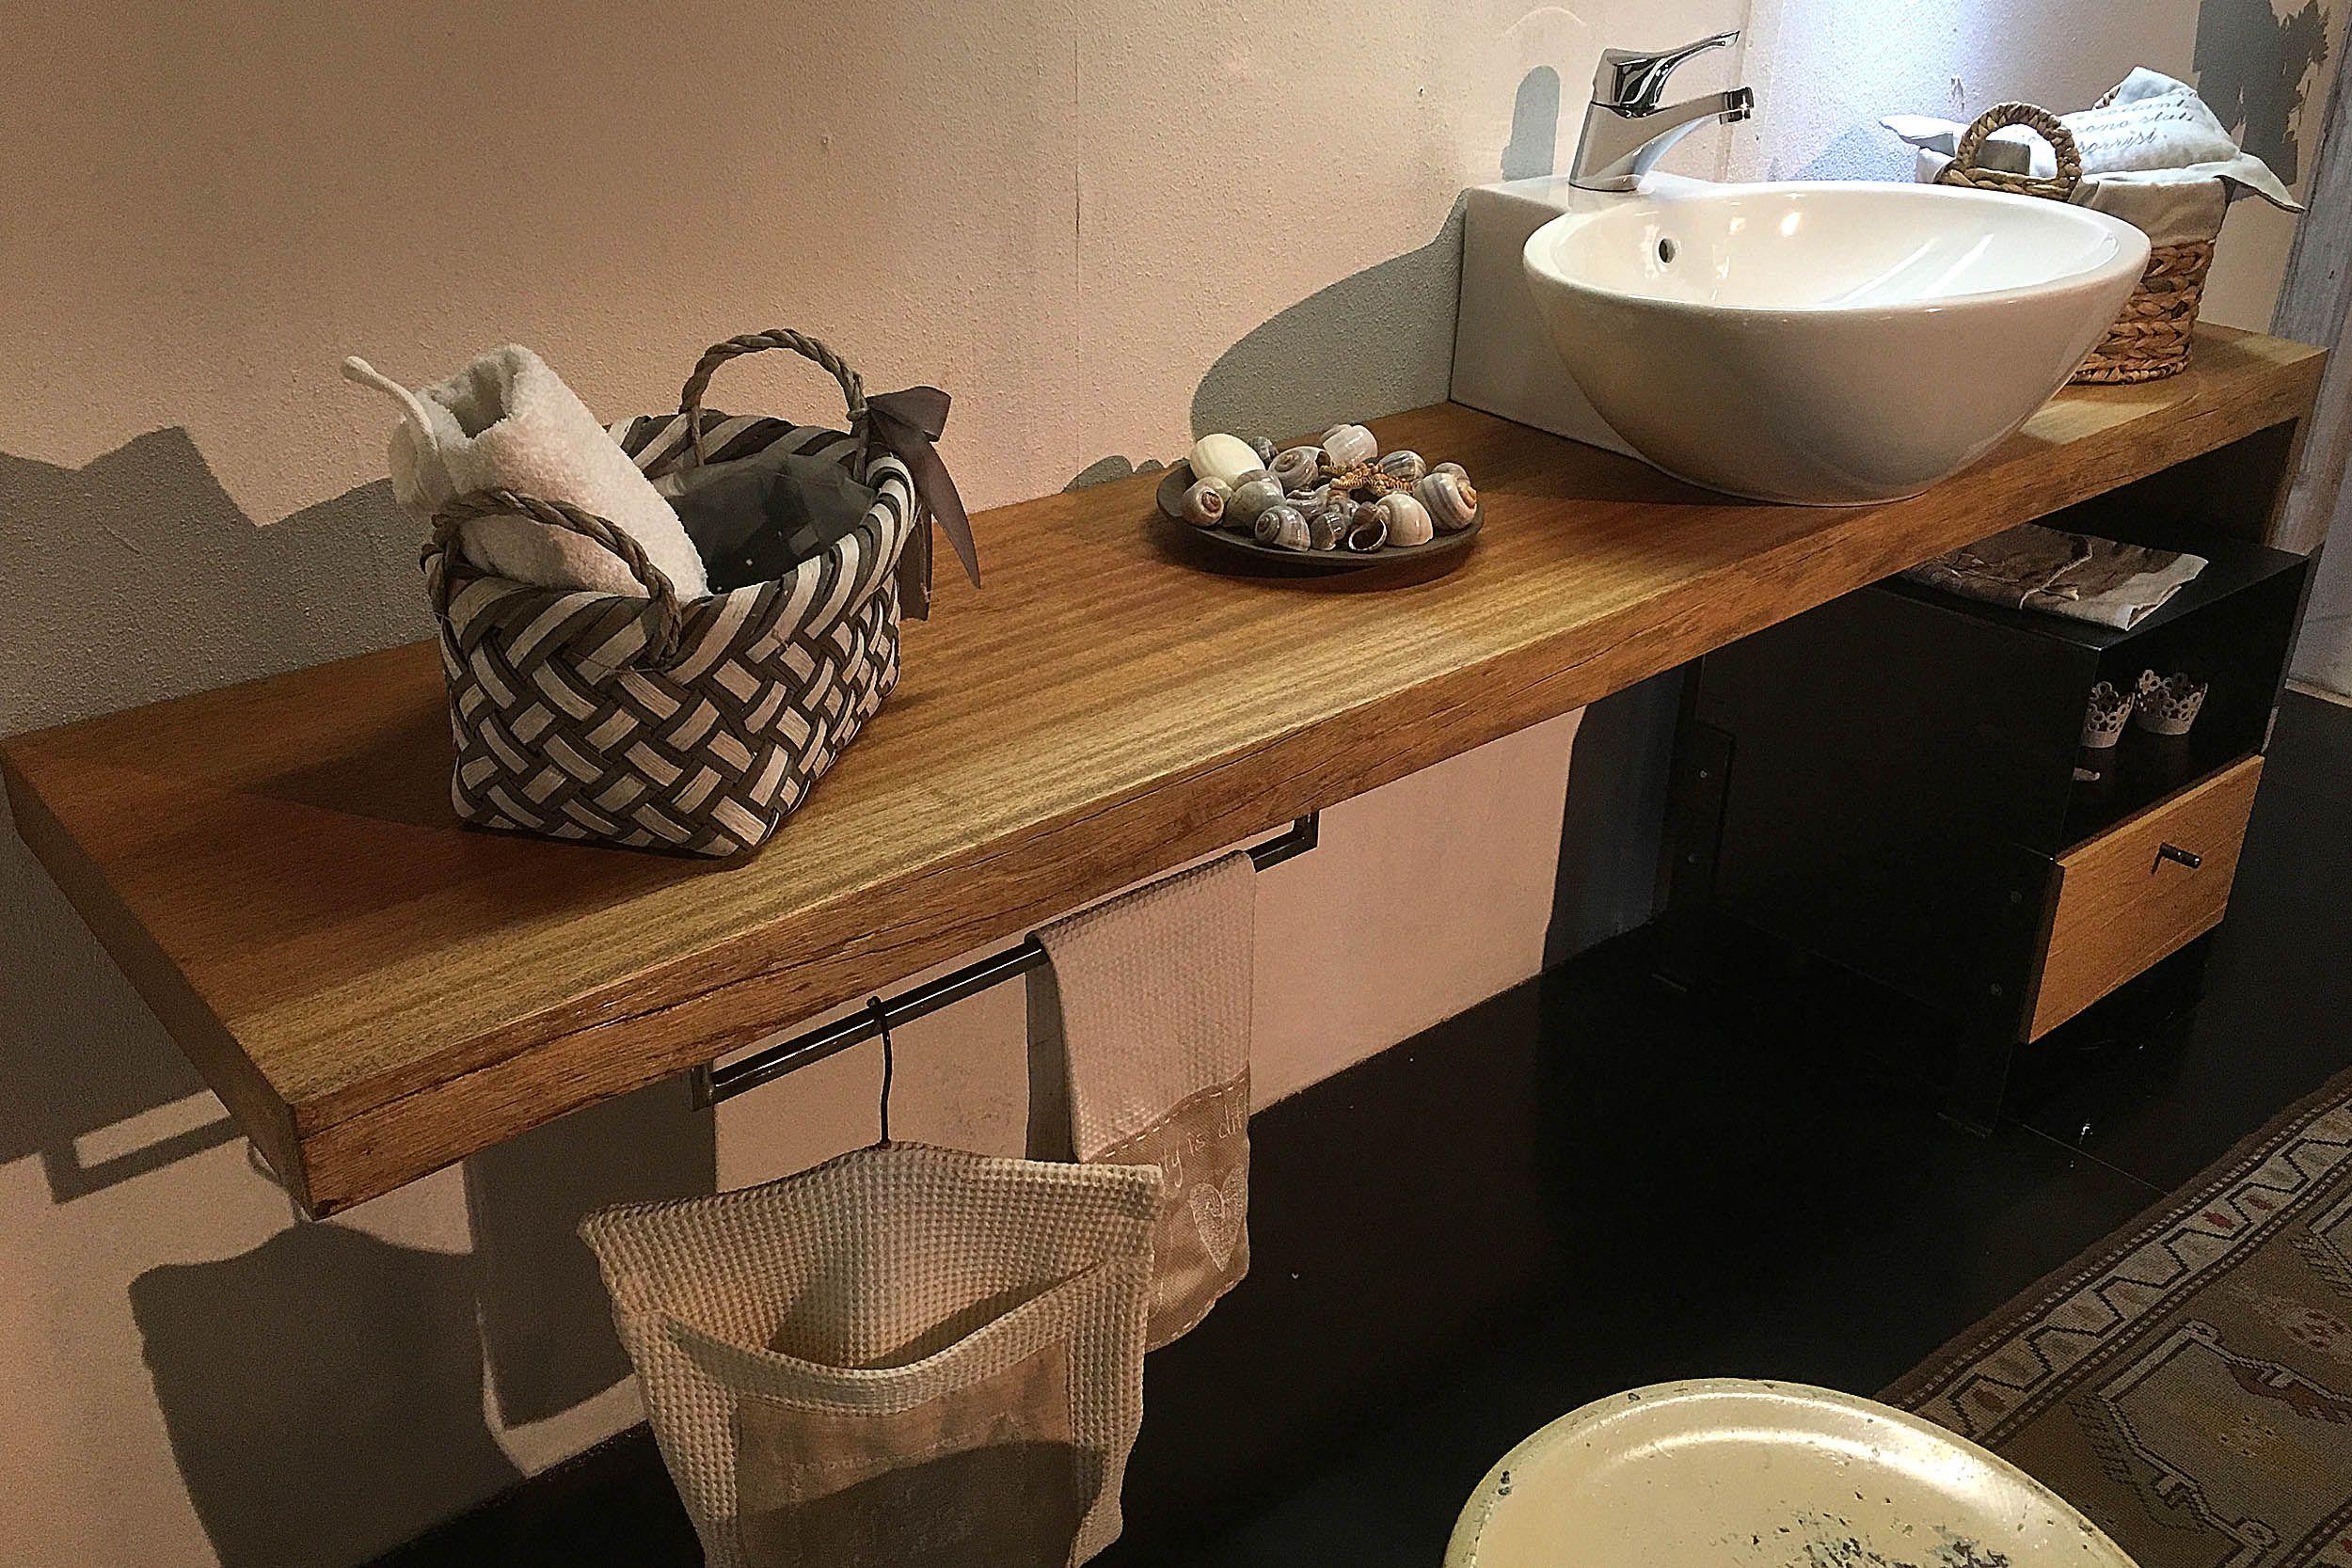 Piana bagno realizzata in legno di Mogano con particolare